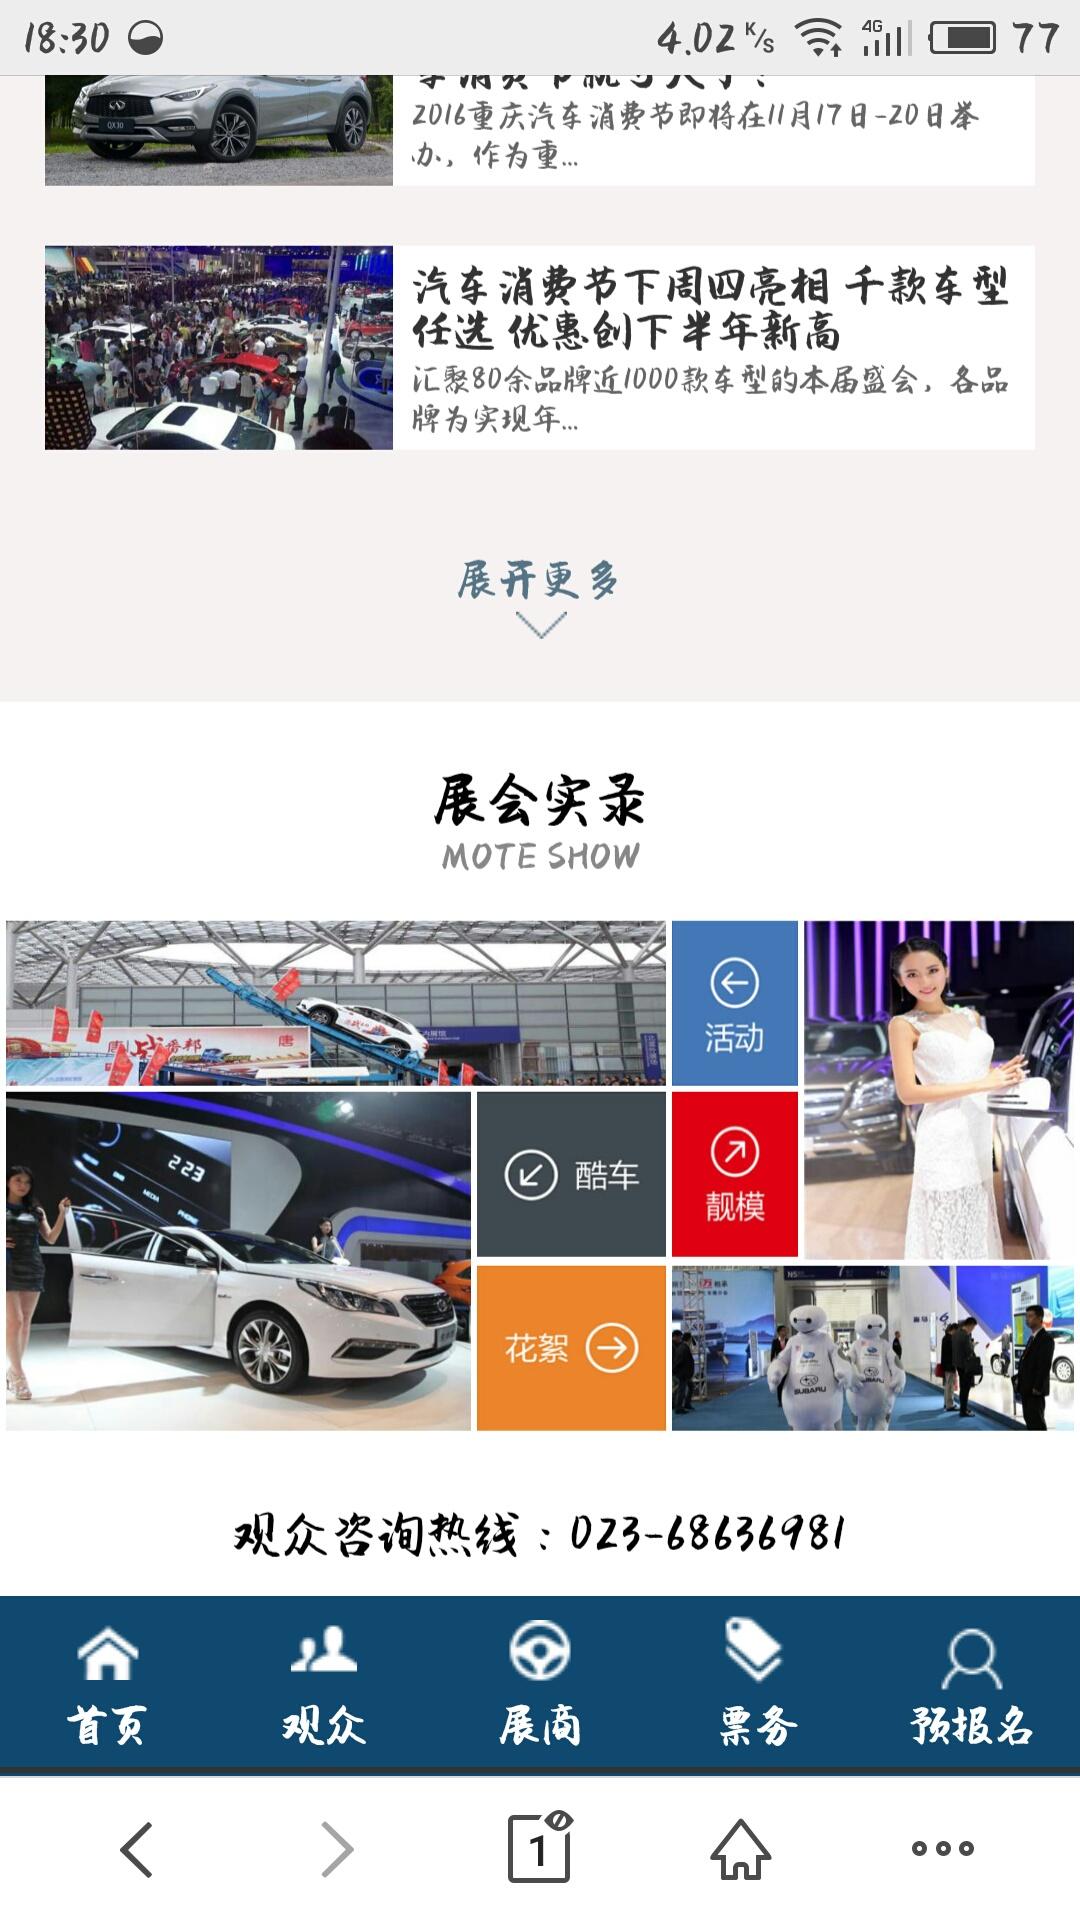 重庆网站策划设计消费节